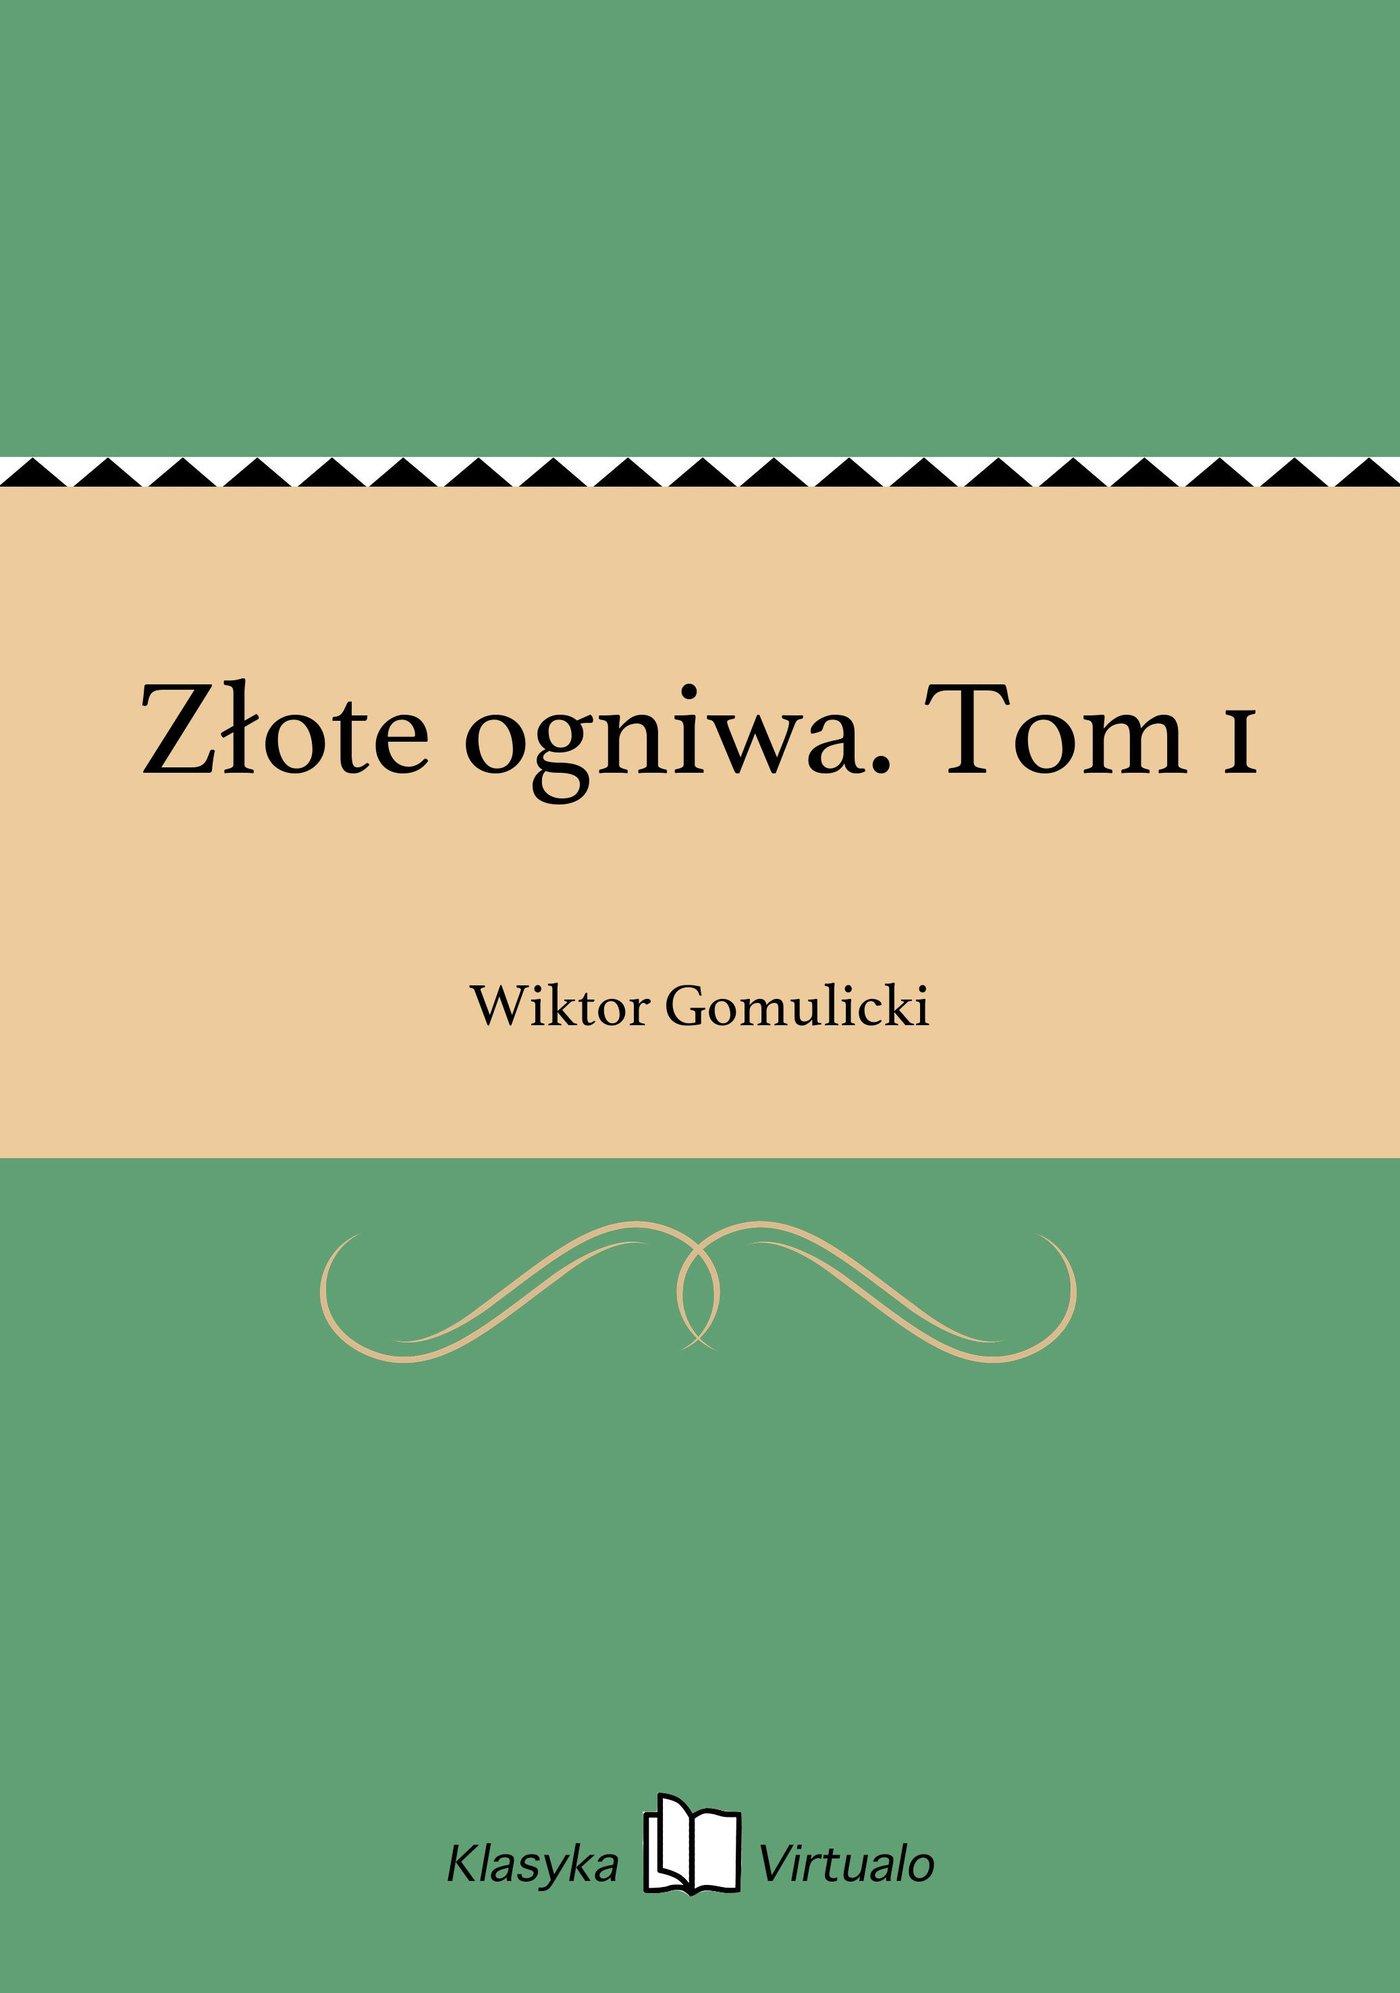 Złote ogniwa. Tom 1 - Ebook (Książka na Kindle) do pobrania w formacie MOBI